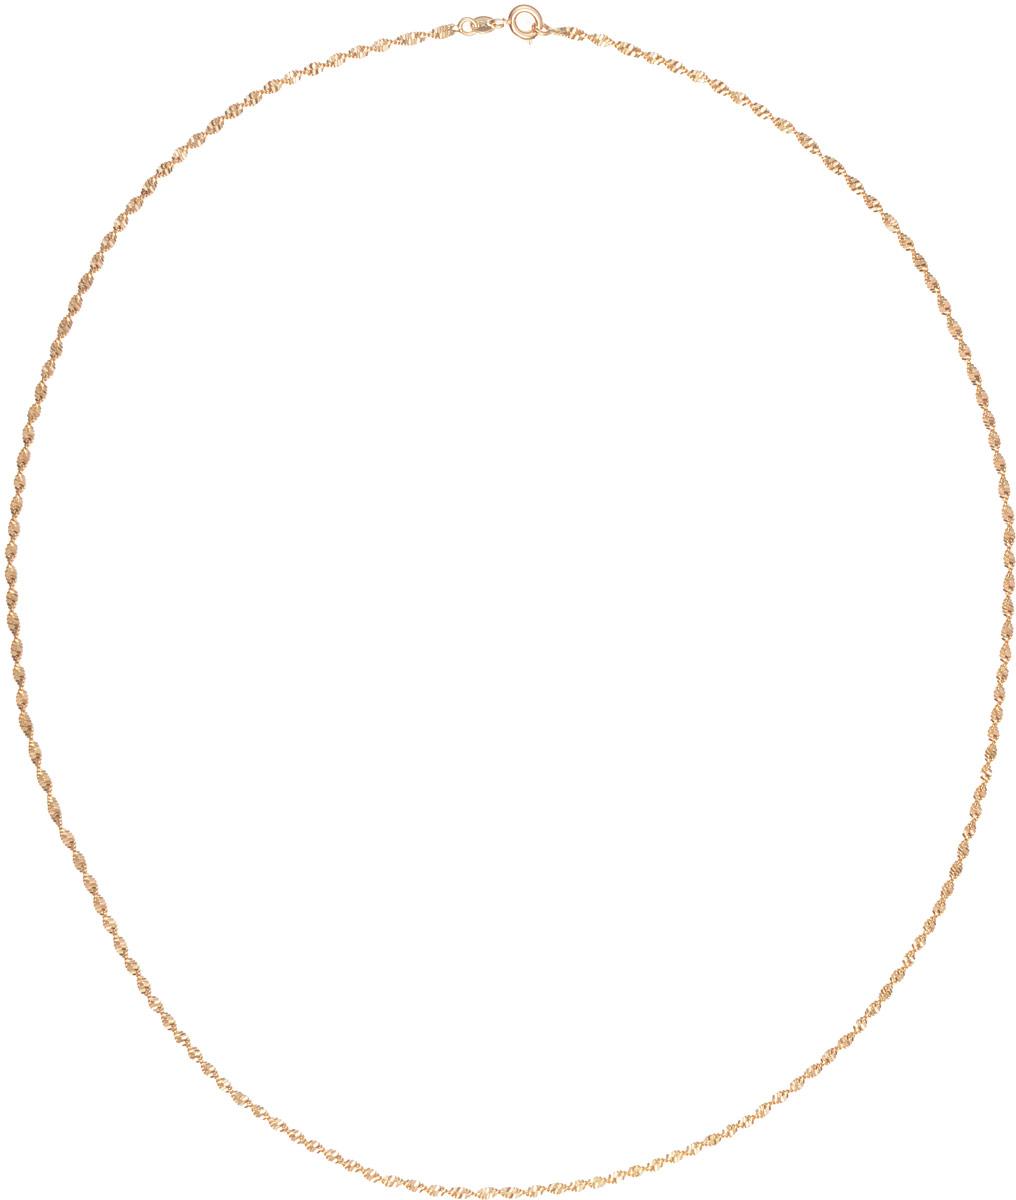 Цепочка Taya, цвет: золотистый. T-B-11712T-B-11712-NECK-GOLDЭлегантная цепочка от Taya изготовлена из качественного бижутерного сплава. Изделие застегивается на шпрингельный замок. Такая изящная цепочка идеально дополнит ваш образ и подчеркнет ваш изысканный вкус.